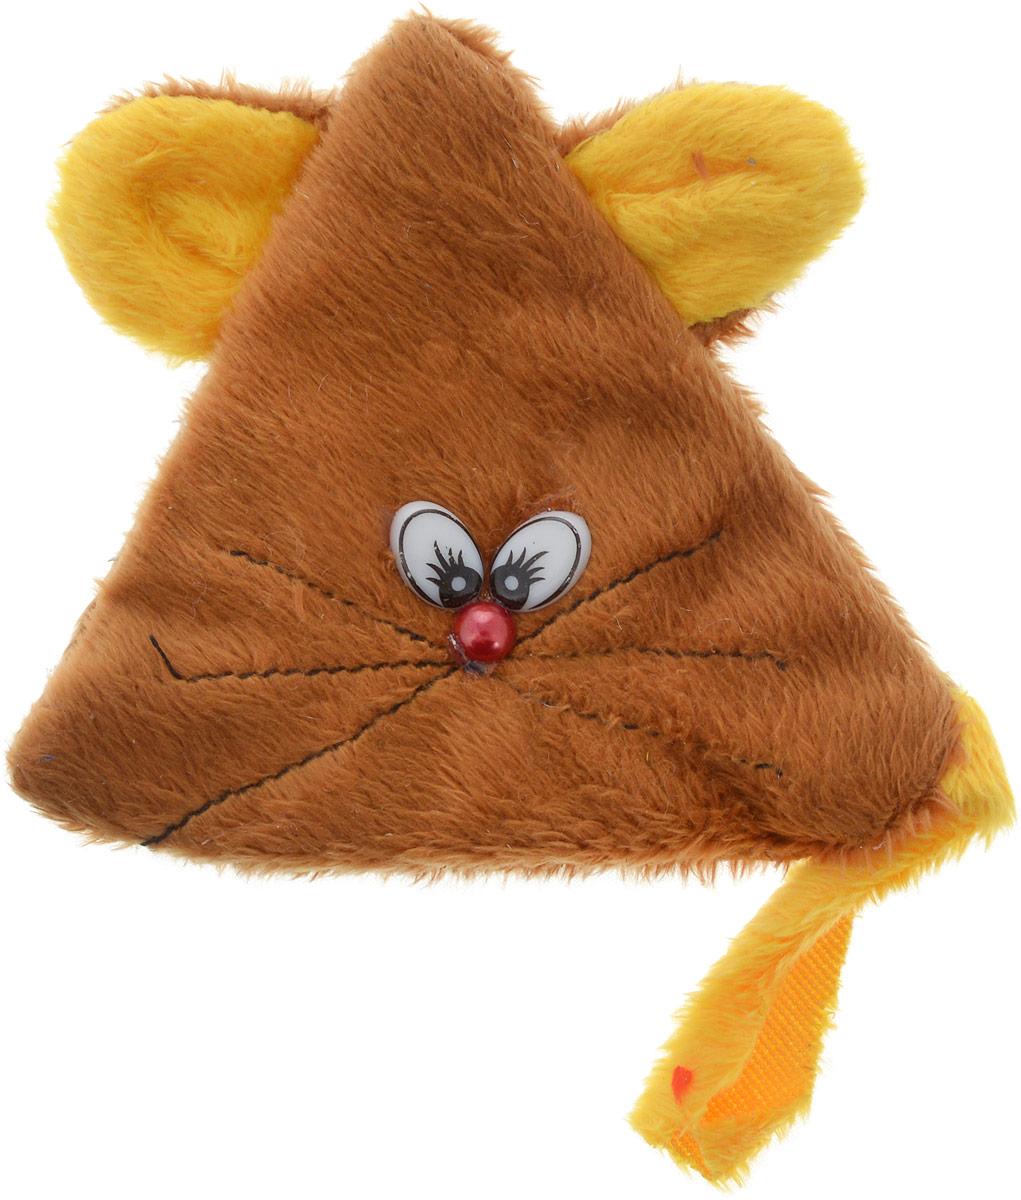 Игрушка для кошек GLG Мышь на липучке, с экстрактом кошачей мяты, цвет: серый, желтыйGLG042_серый, желтыйИгрушка для кошек GLG Мышь на липучке выполнена из качественного текстиля. Играя с этой забавной игрушкой, маленькие котята развиваются физически, а взрослые кошки и коты поддерживают свой мышечный тонус. Изделие выполнено в виде треугольной мыши с пластиковыми глазками и длинным хвостиком. Внутри расположен мешочек с кошачьей мятой, который привлечет кошку. Внутреннее отделение закрывается на липучку.Кошачья мята - растение, запах которого делает кошку более игривой и любопытной. С помощью этого средства кошка легче перенесет путешествие на автомобиле, посещение ветеринарного врача, переезд на новую квартиру.